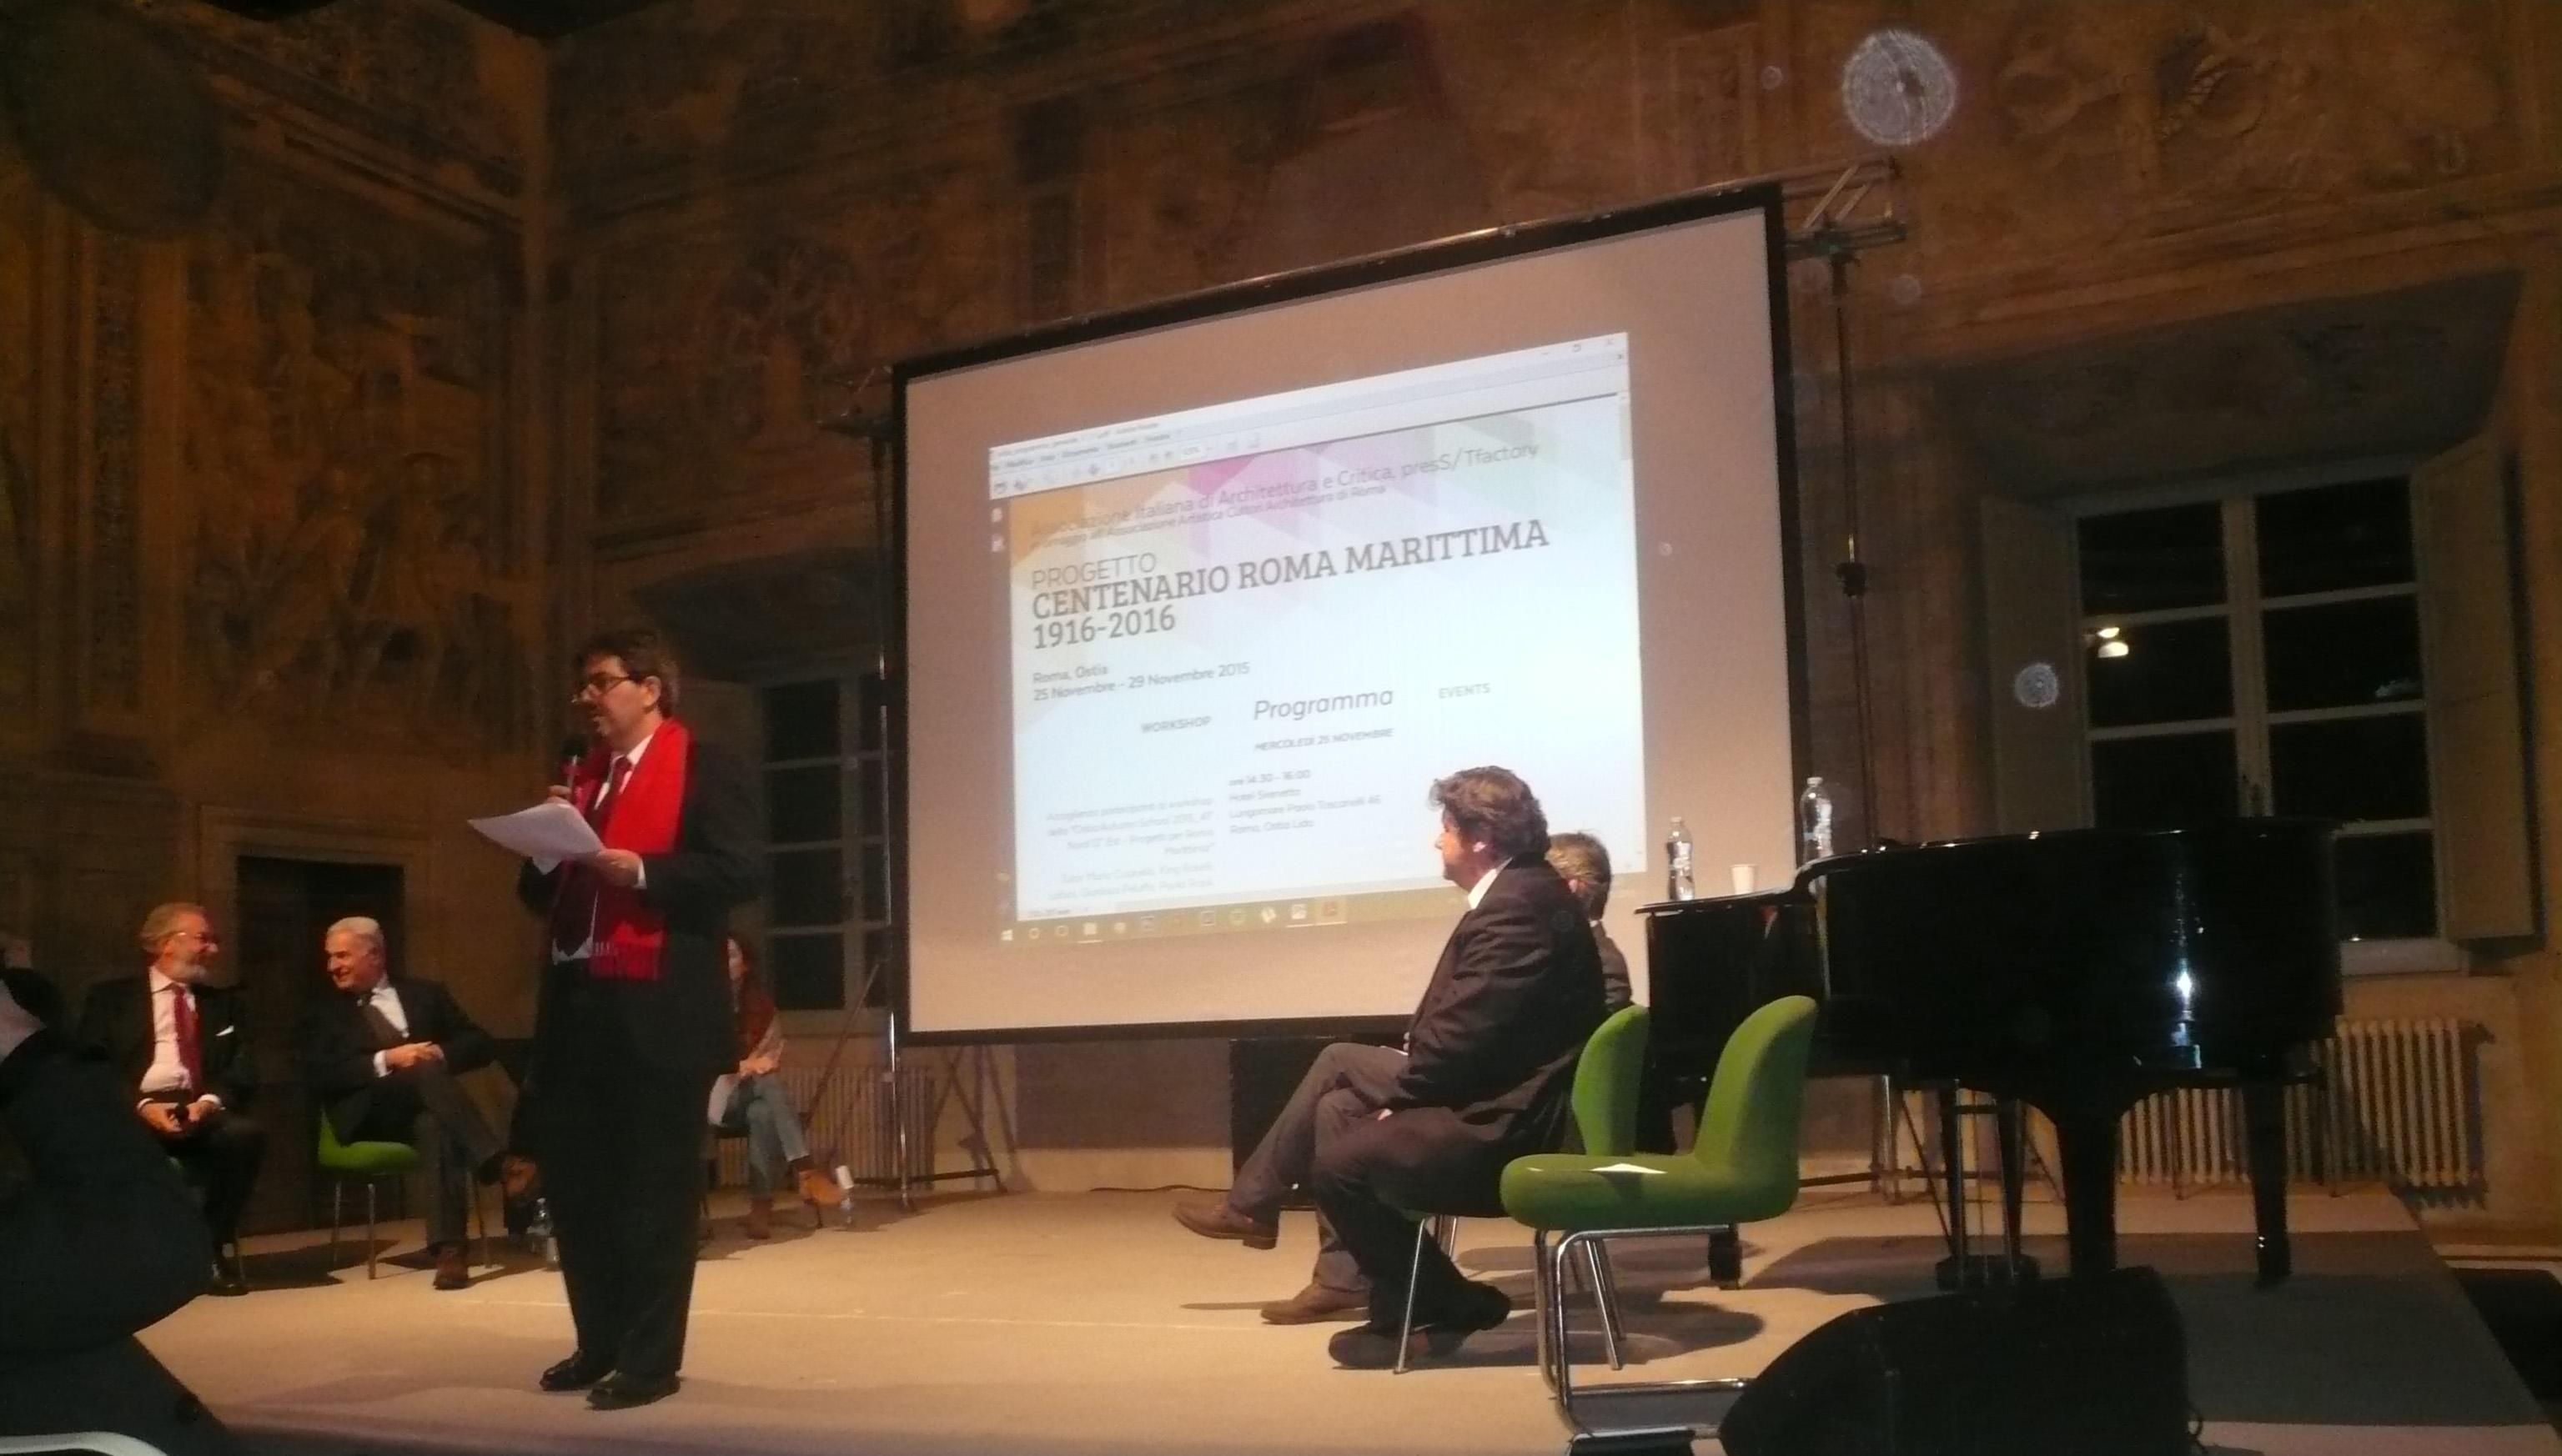 Ostia Centenario Roma Marittima - Coordina Marco Maria Sambo